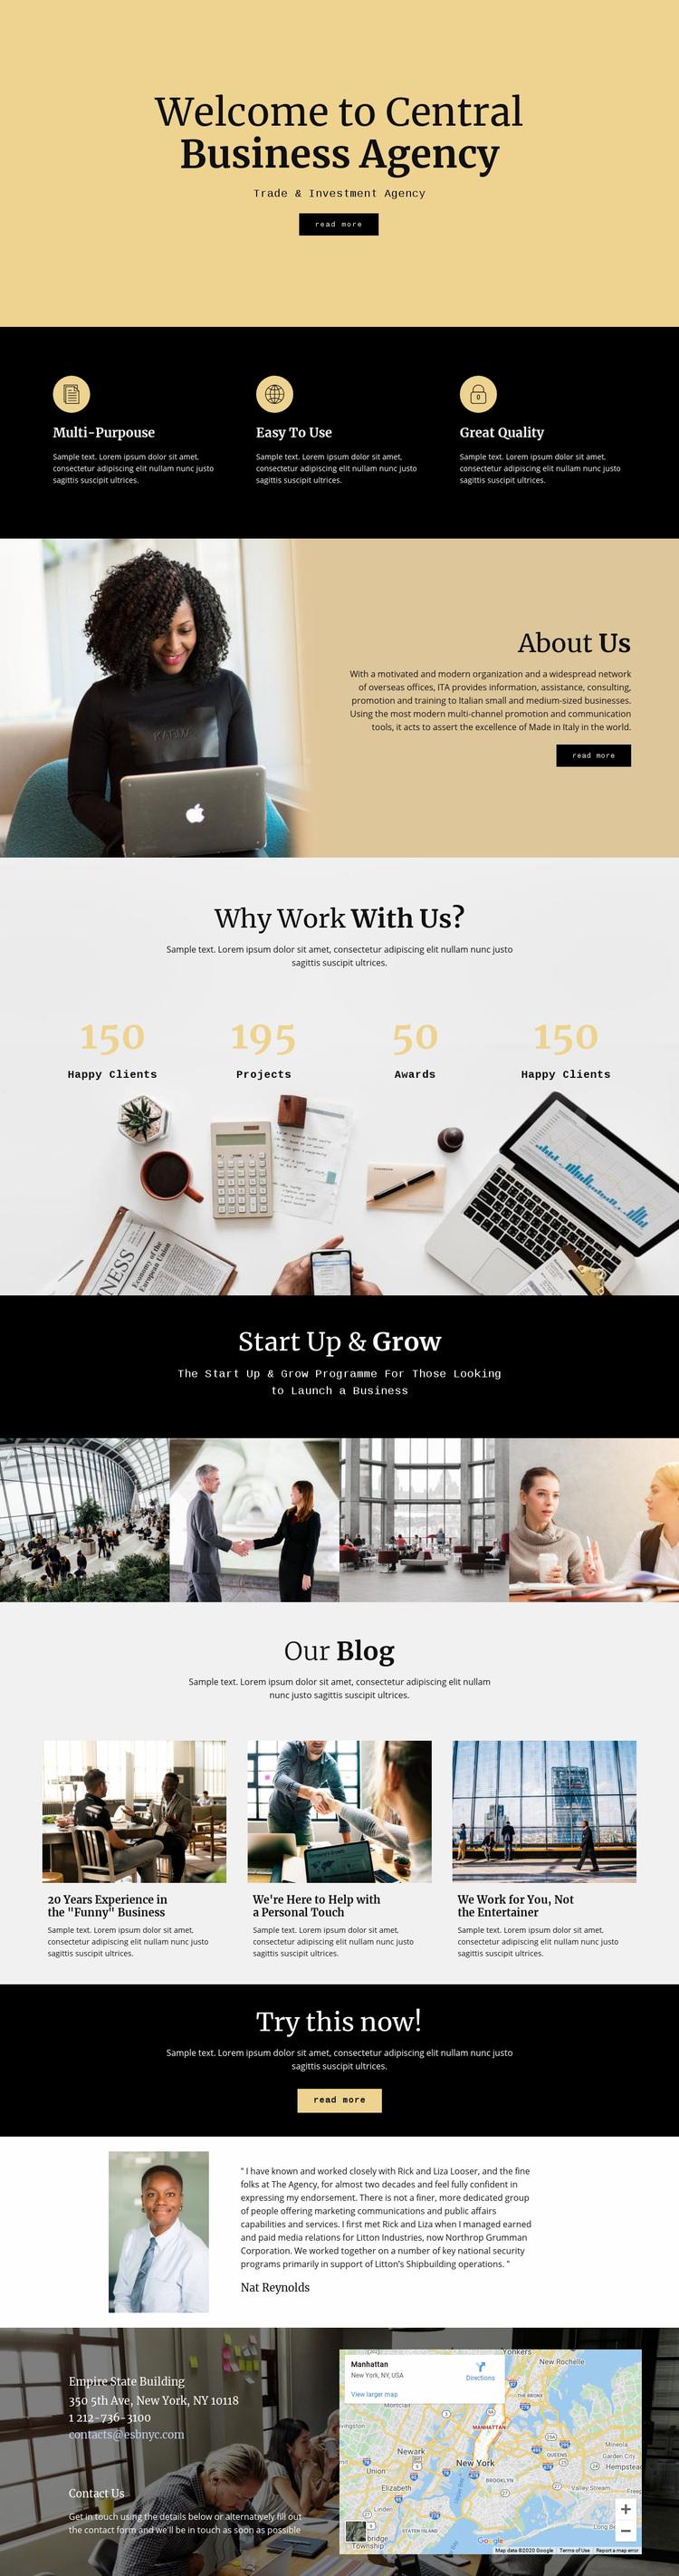 Central digital agency Web Page Designer